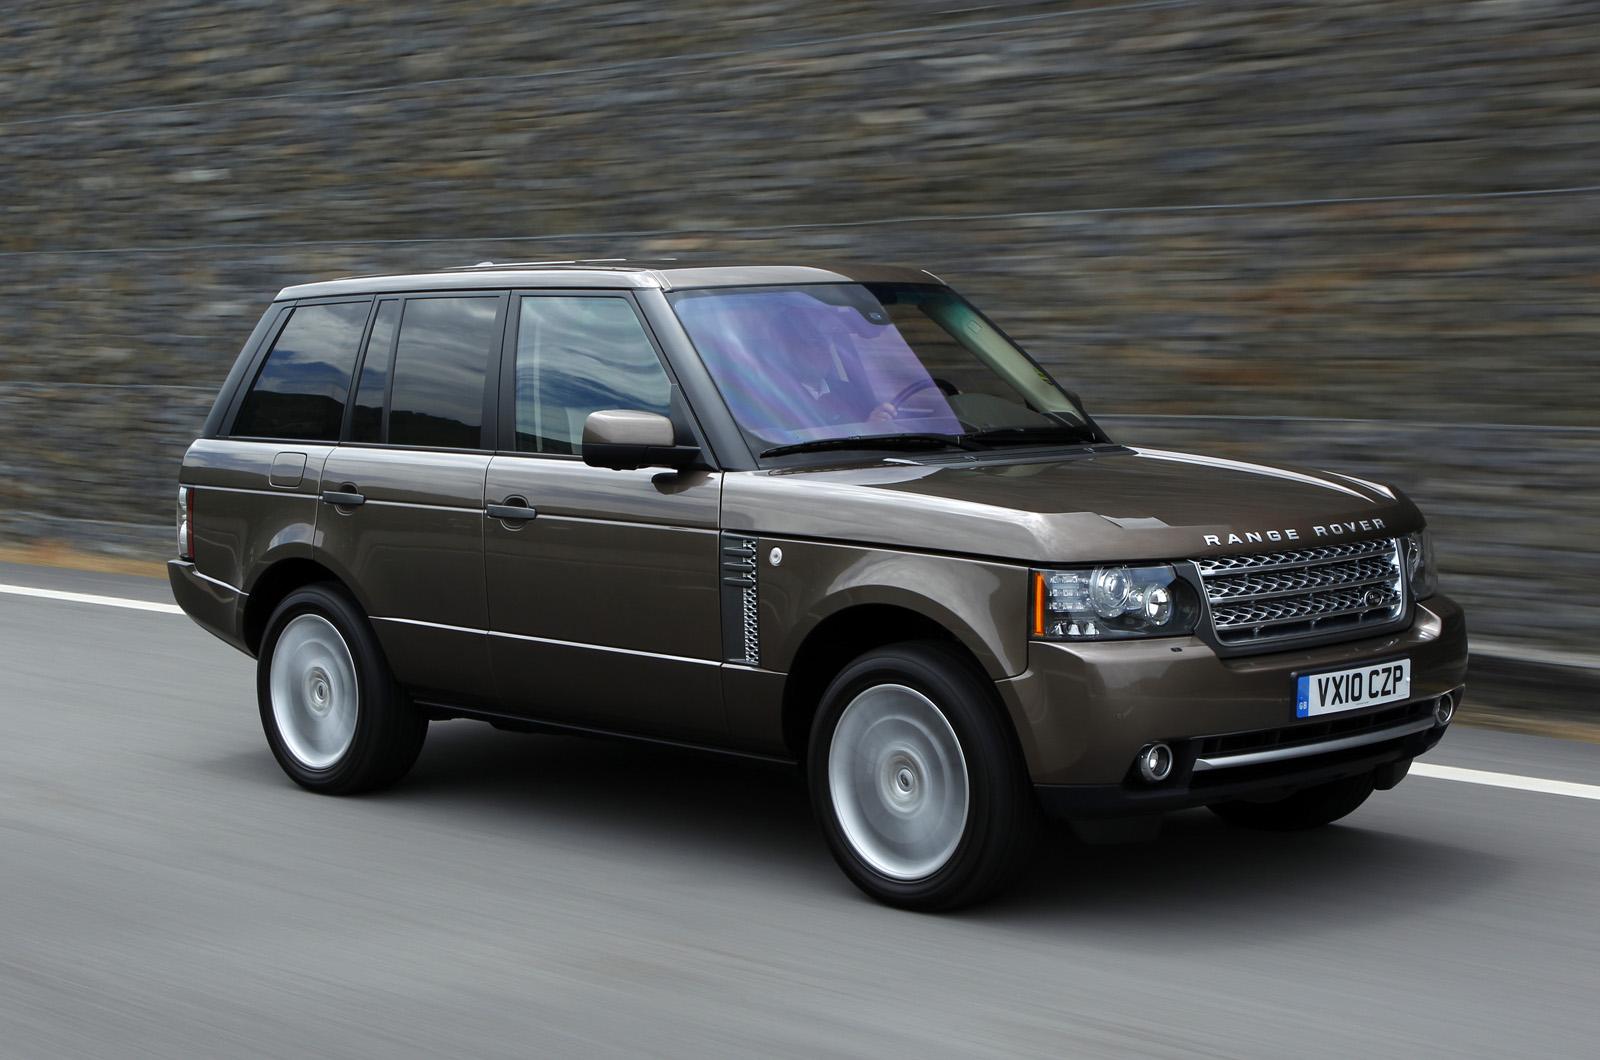 range rover 4 4 tdv8 2011 first drive. Black Bedroom Furniture Sets. Home Design Ideas